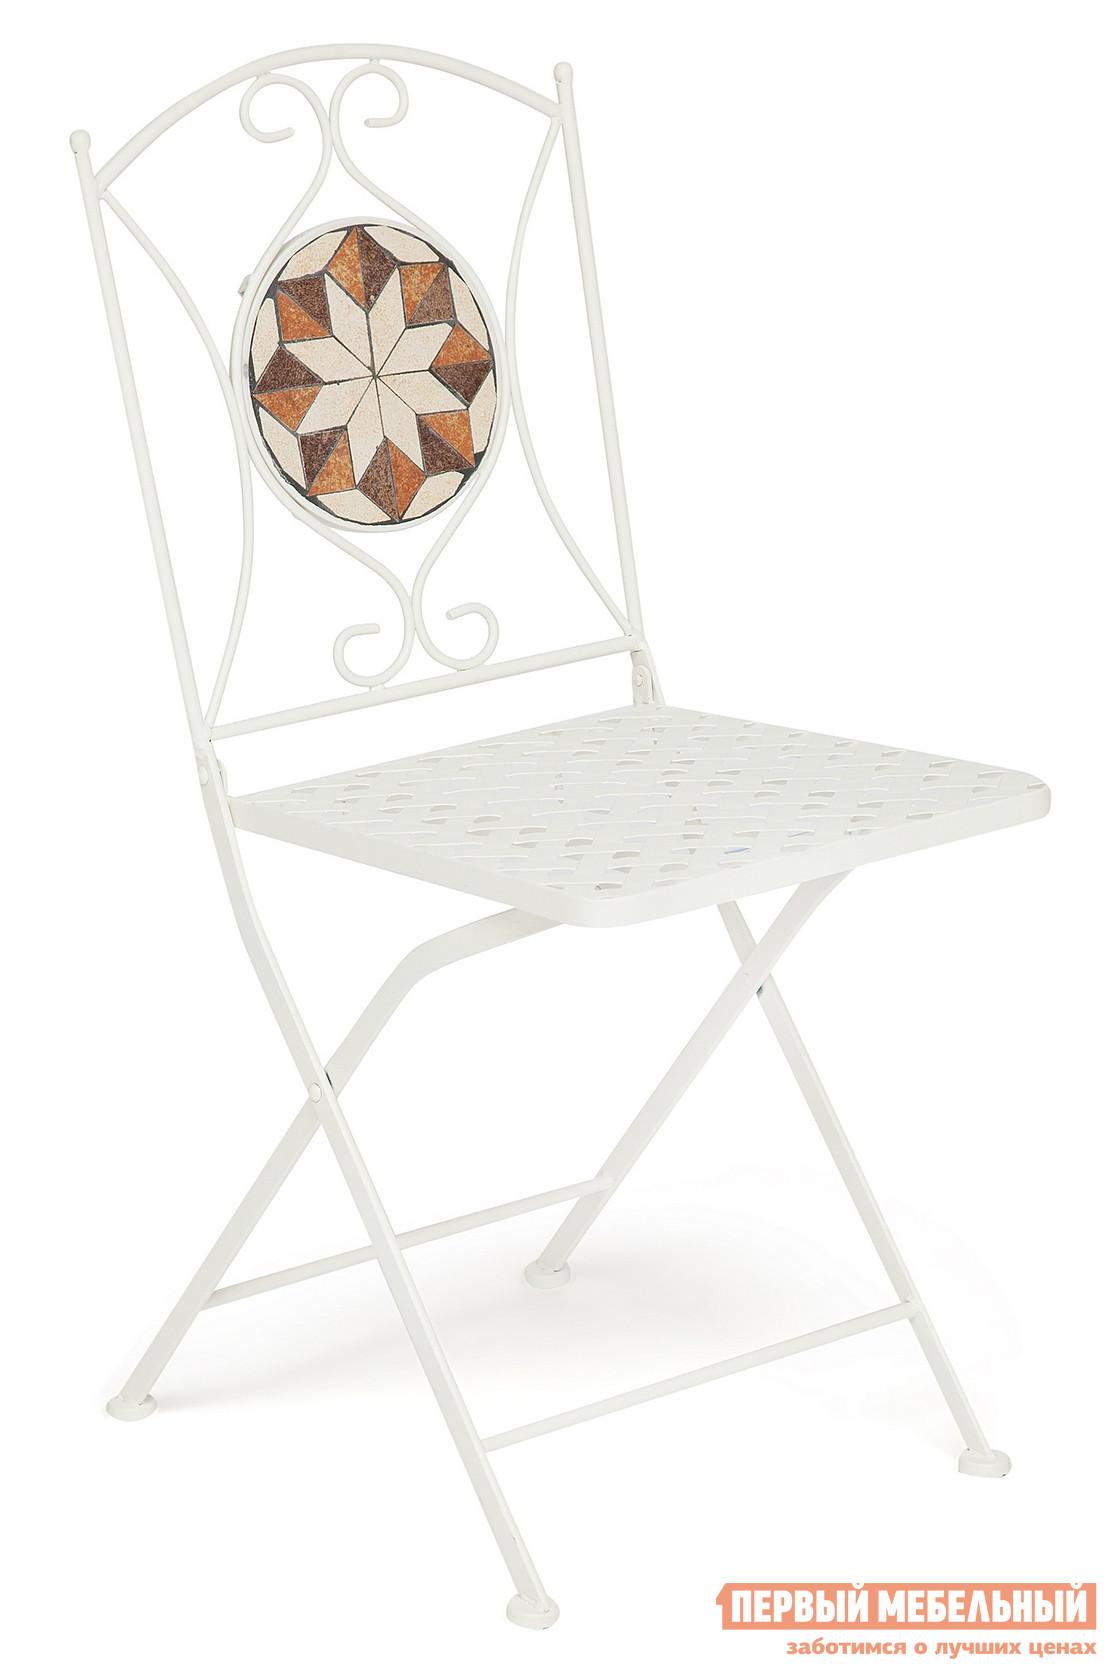 Садовый складной стул Tetchair JULIA NEW (плитка звезда) садовый складной стул tetchair julia new плитка звезда